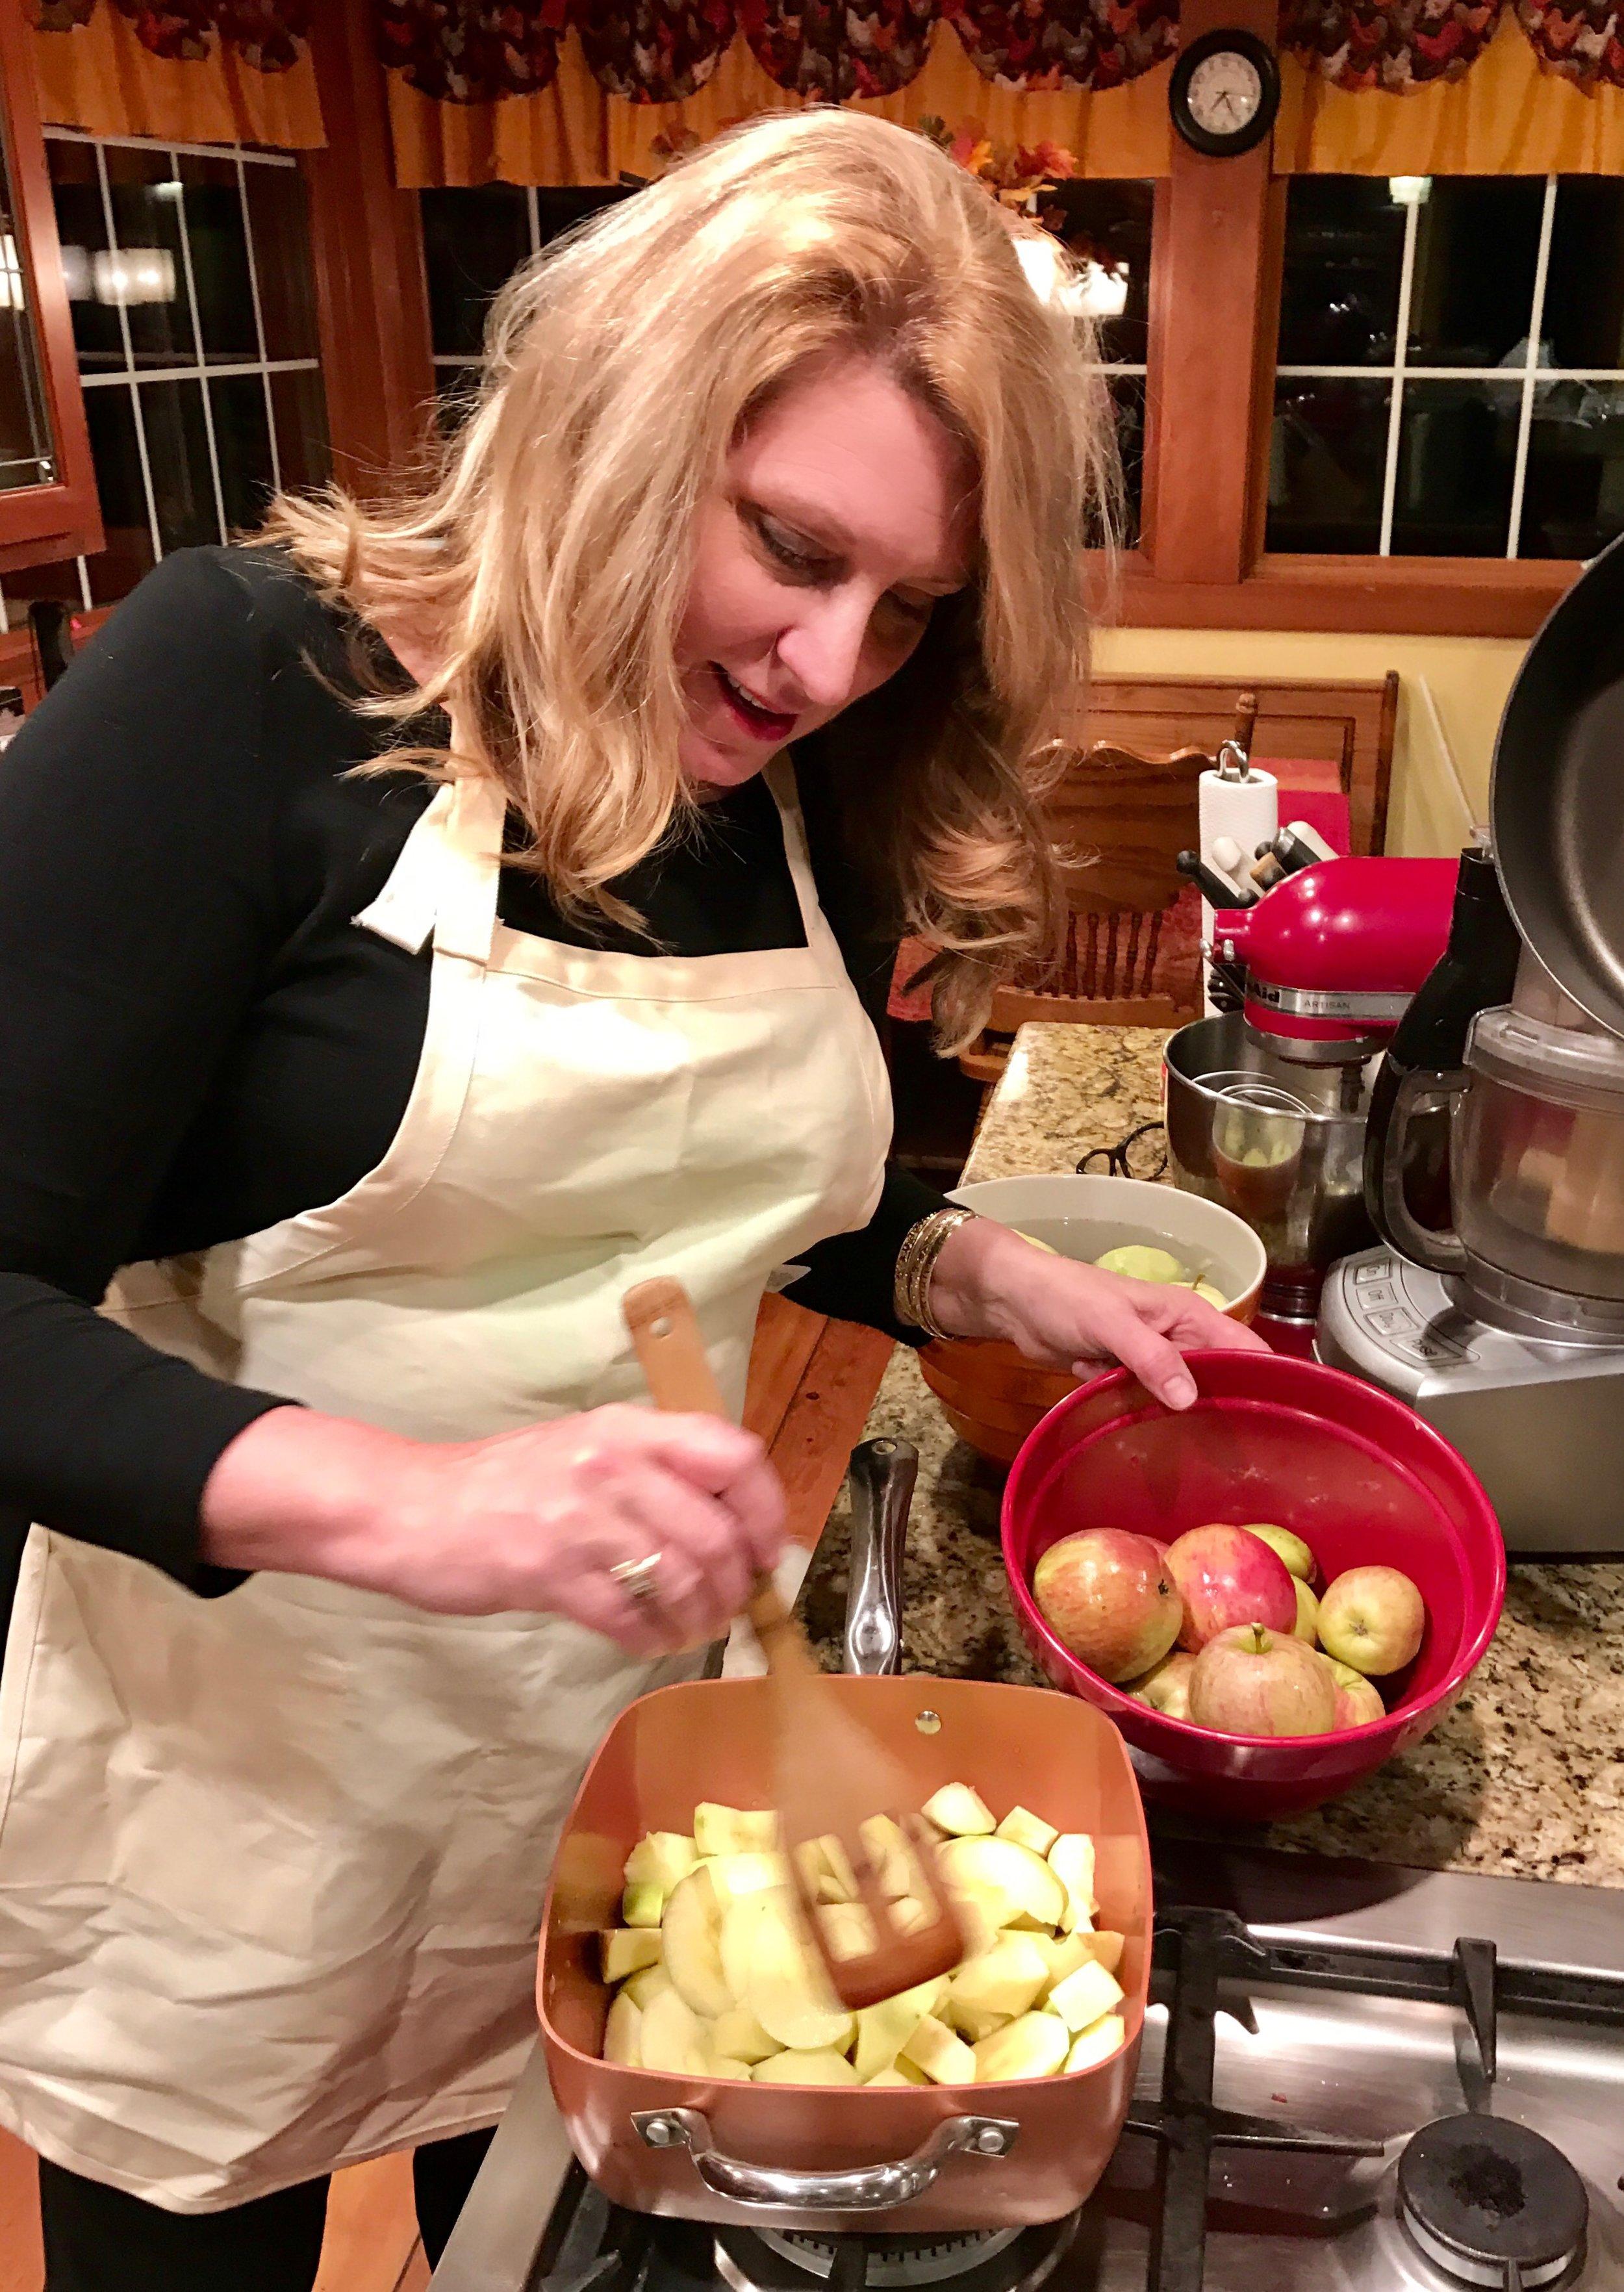 I use my own apples, Mmmm Mmmm good!